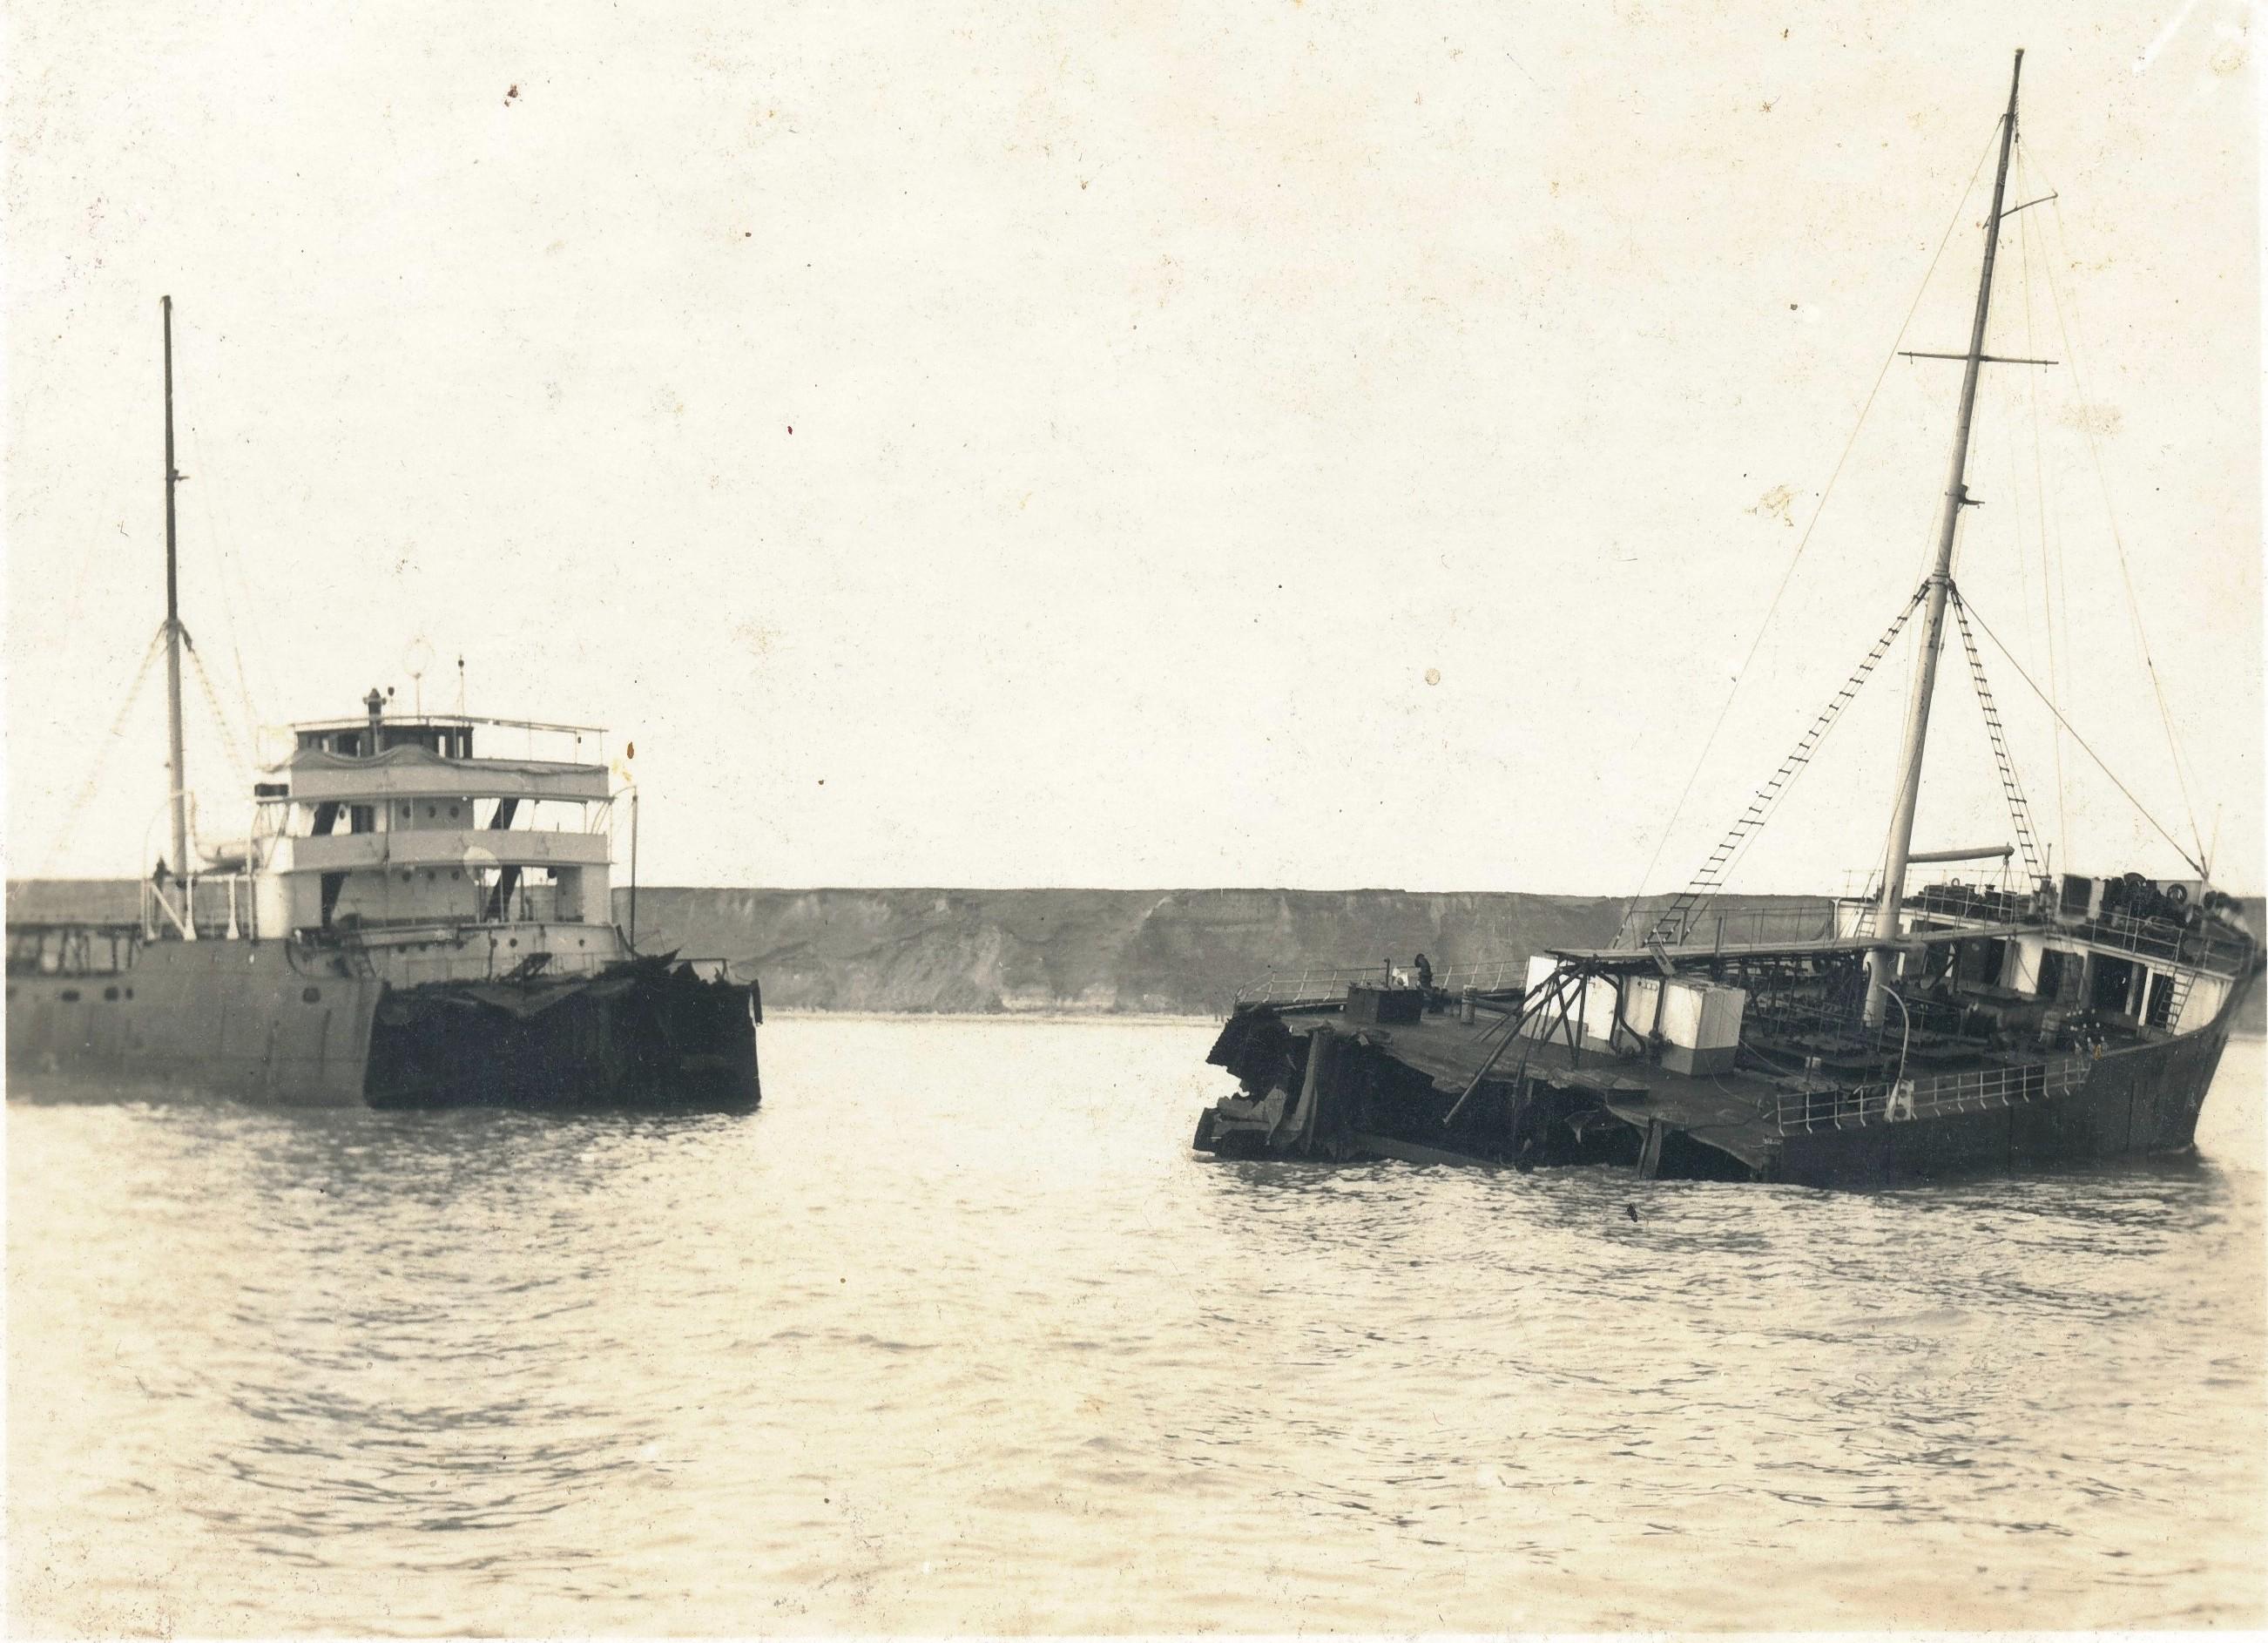 """Pterolierul """"Santoni"""", după tragedie. Dintre cei 25 de membri ai echipajul, 11 marinari s-au înecat,"""